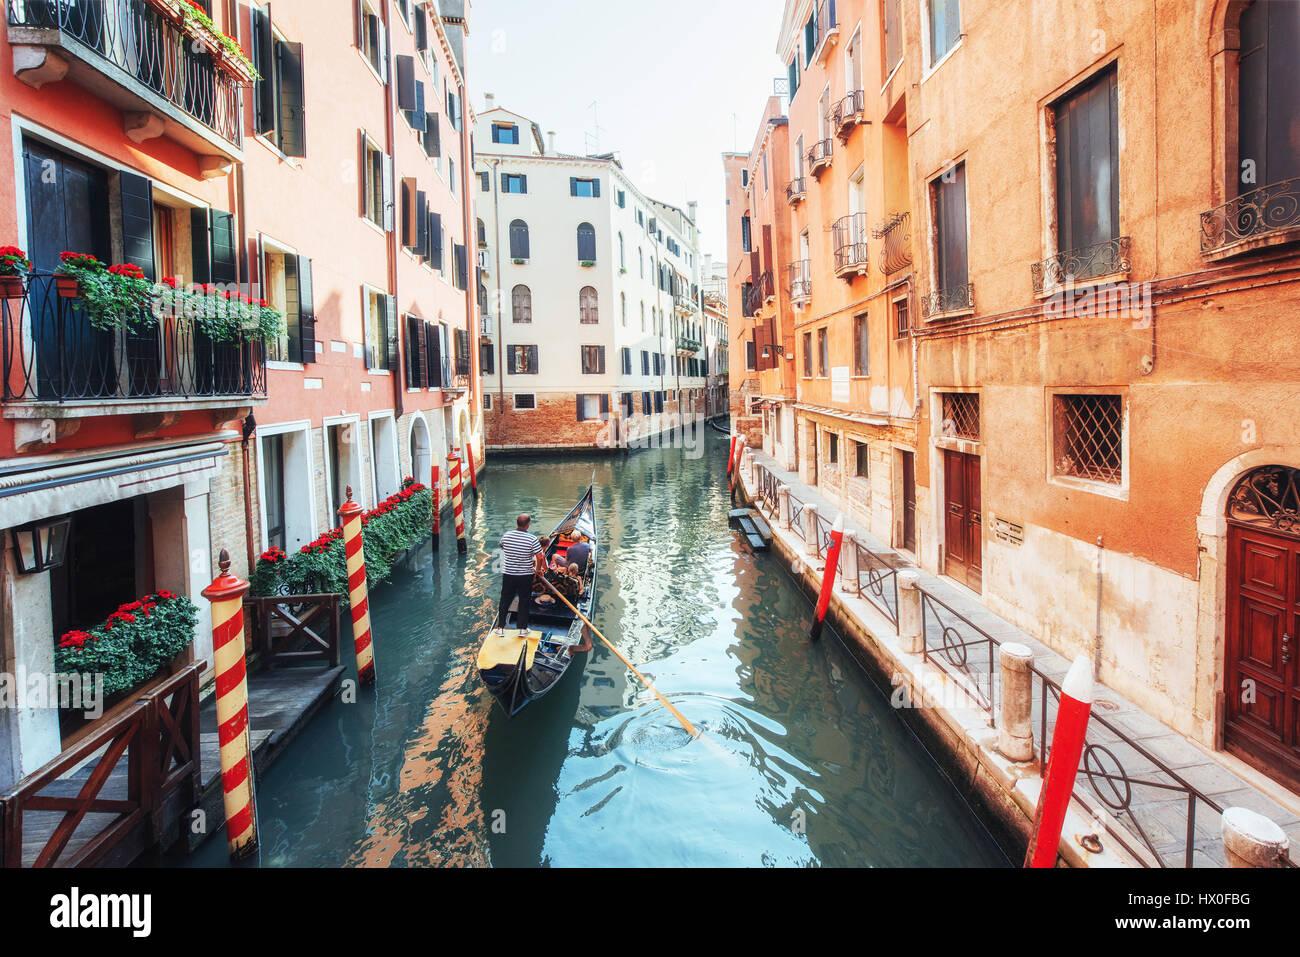 Gondeln auf Kanal in Venedig. Venedig ist ein beliebtes Touristenziel Europas Stockbild